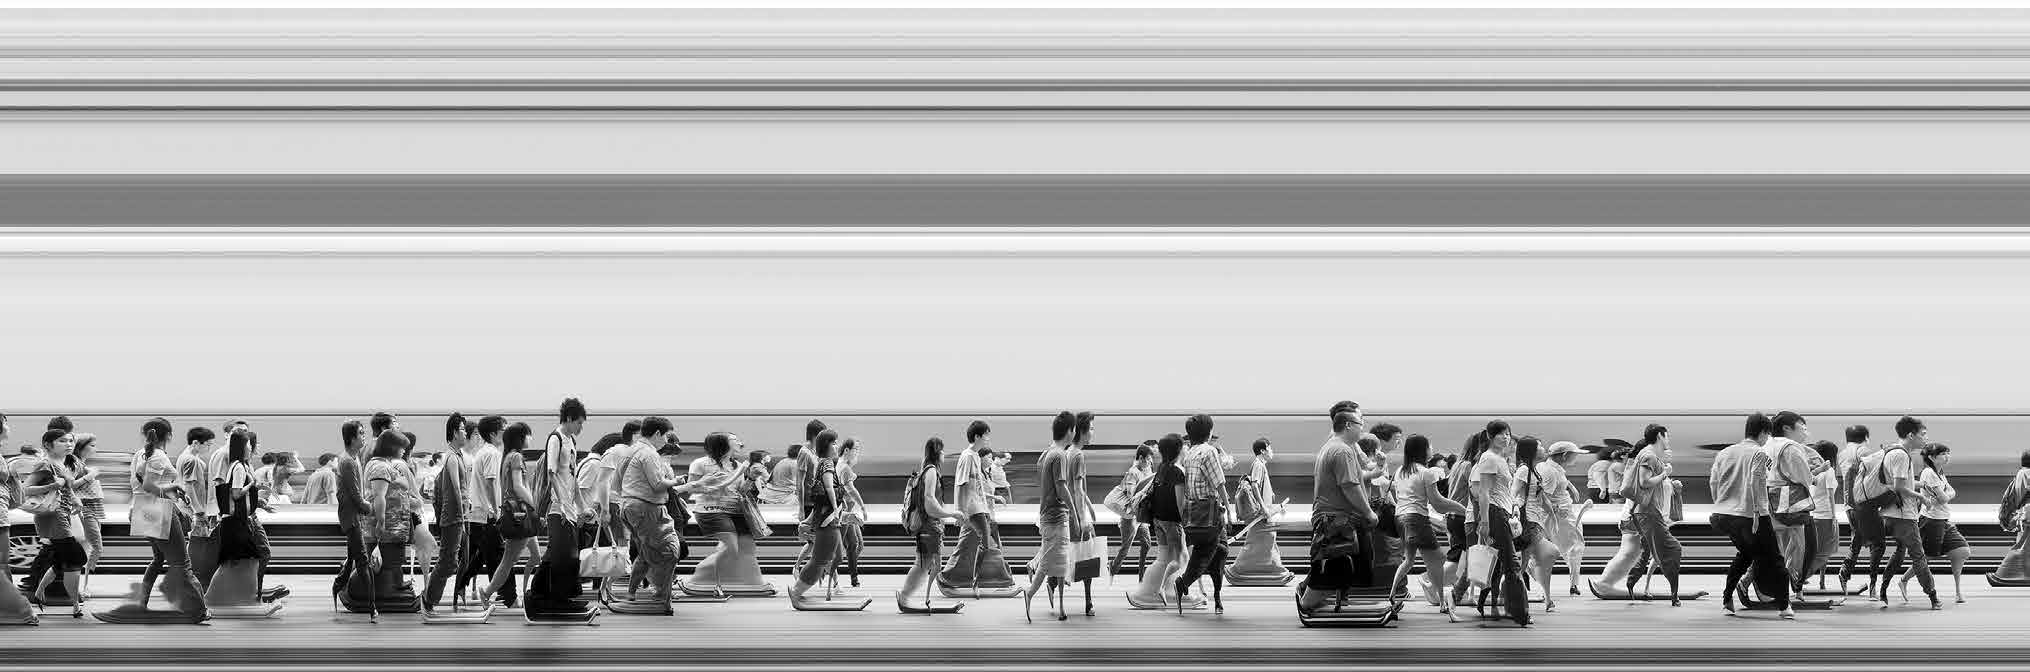 Adam Magyar - Urban Flow 292, Hong Kong